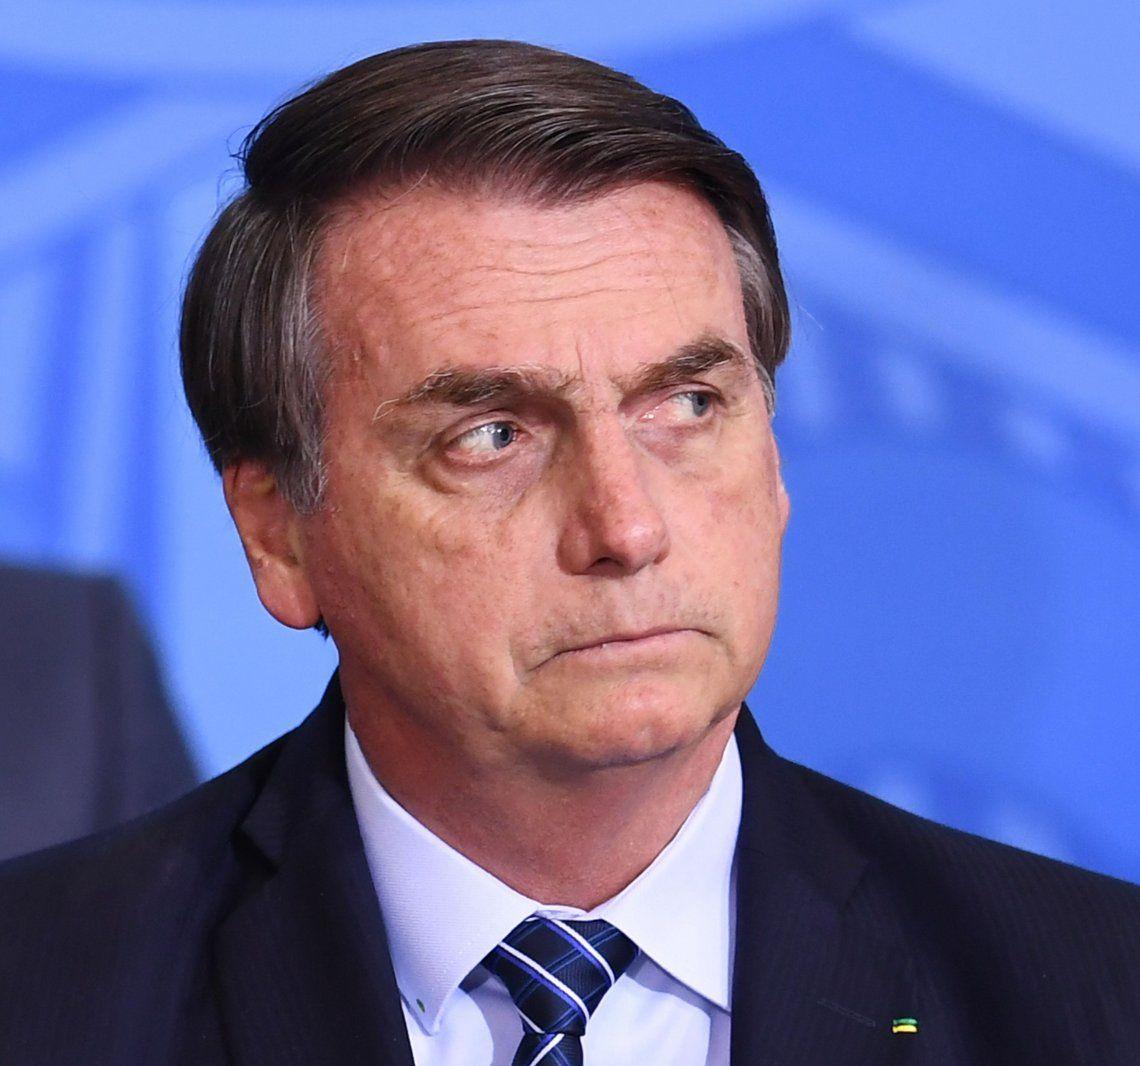 La popularidad del polémico presidente de Brasil